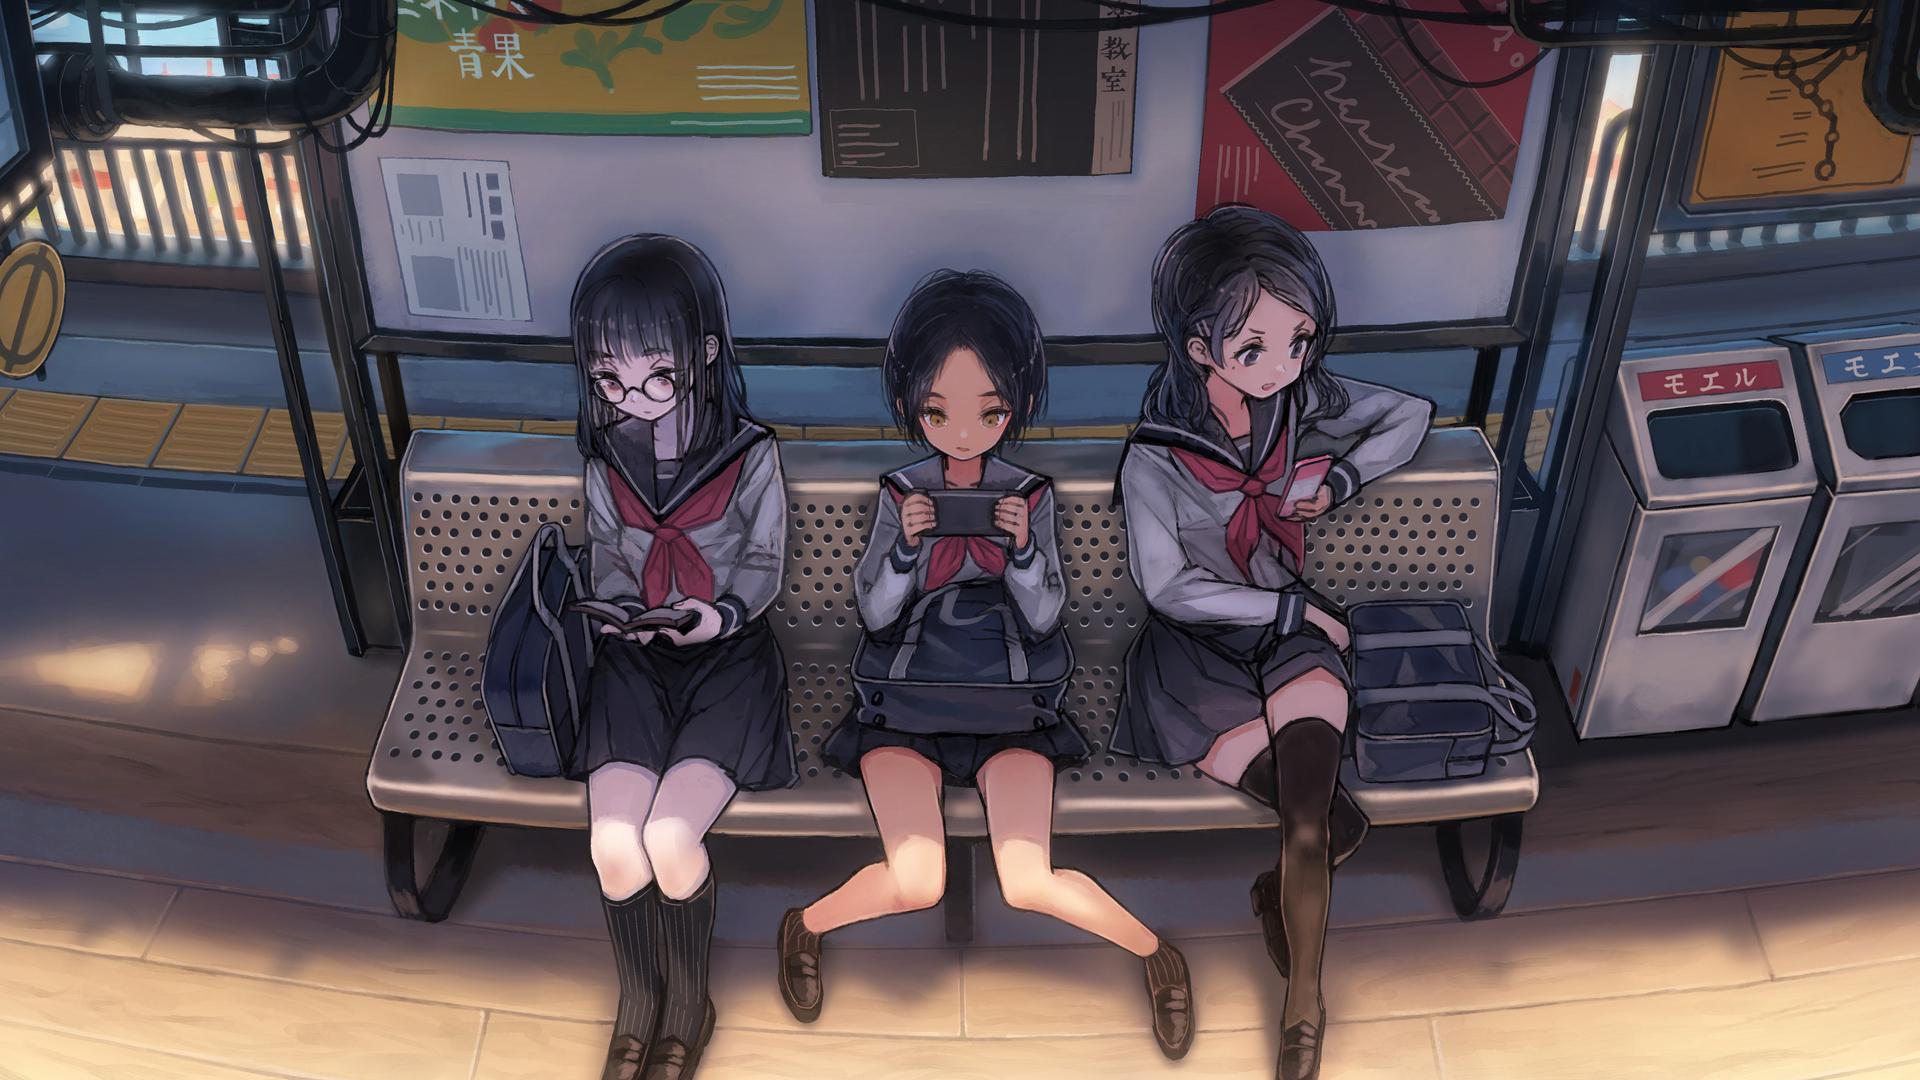 anime-schoool-girls-on-phones-waiting-for-bus-4k-x1.jpg